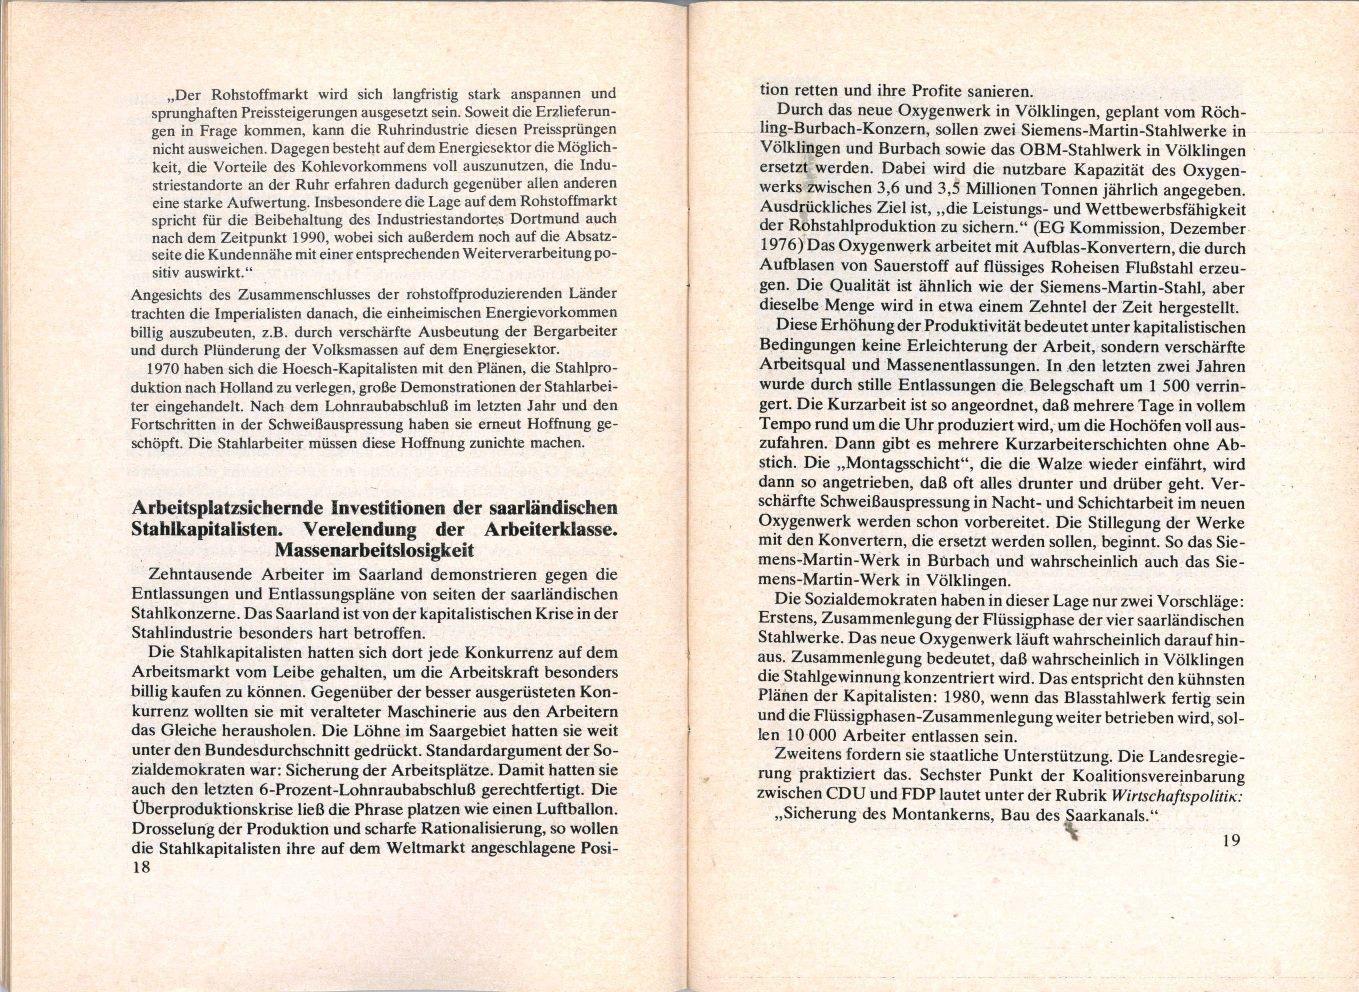 IGM_KBW_Krise_in_der_Stahlindustrie_1977_11